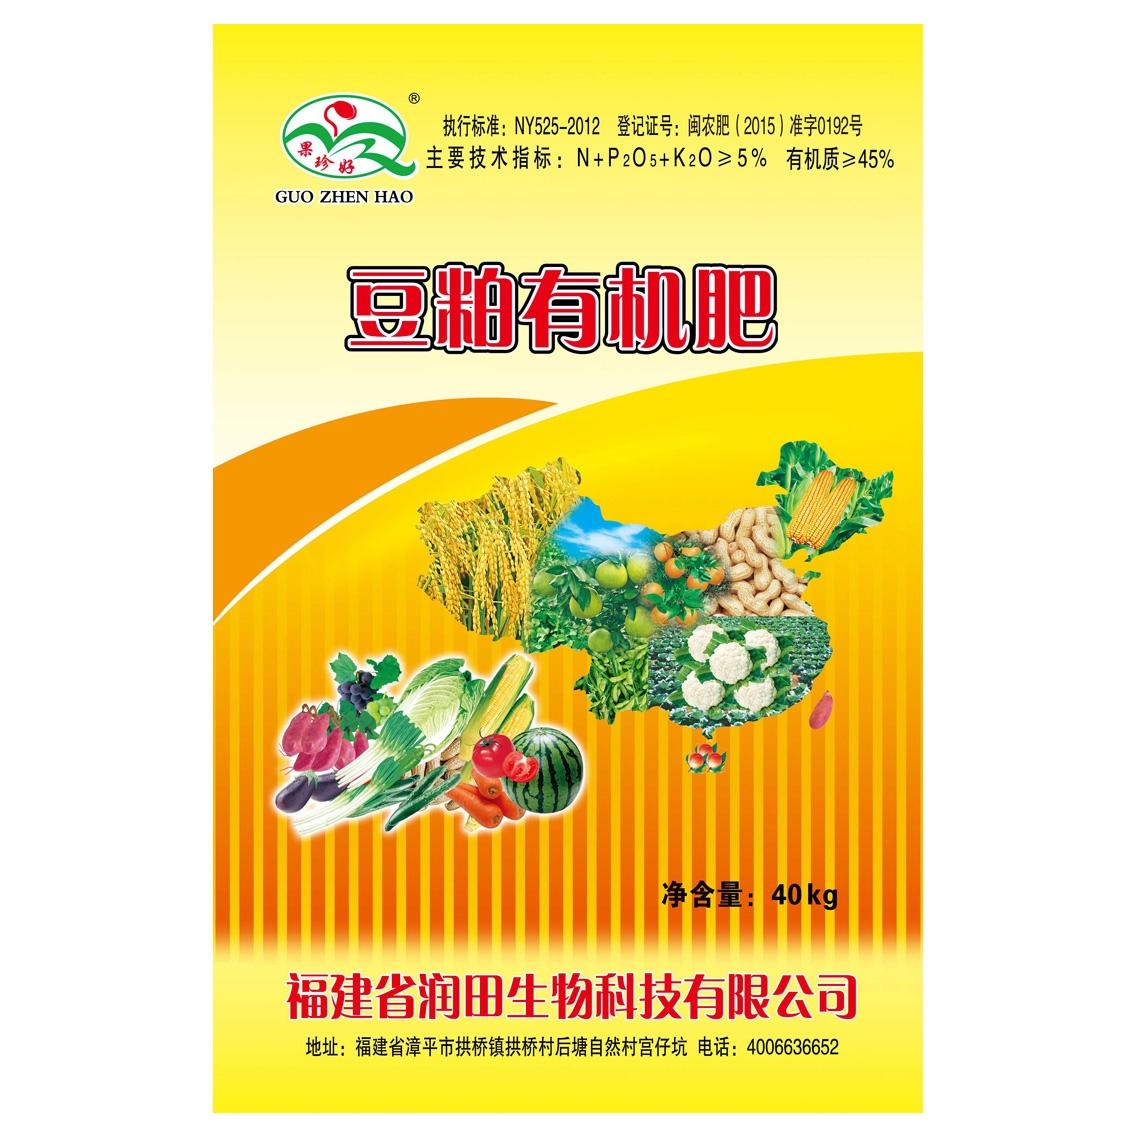 豆粕有机肥的使用说明